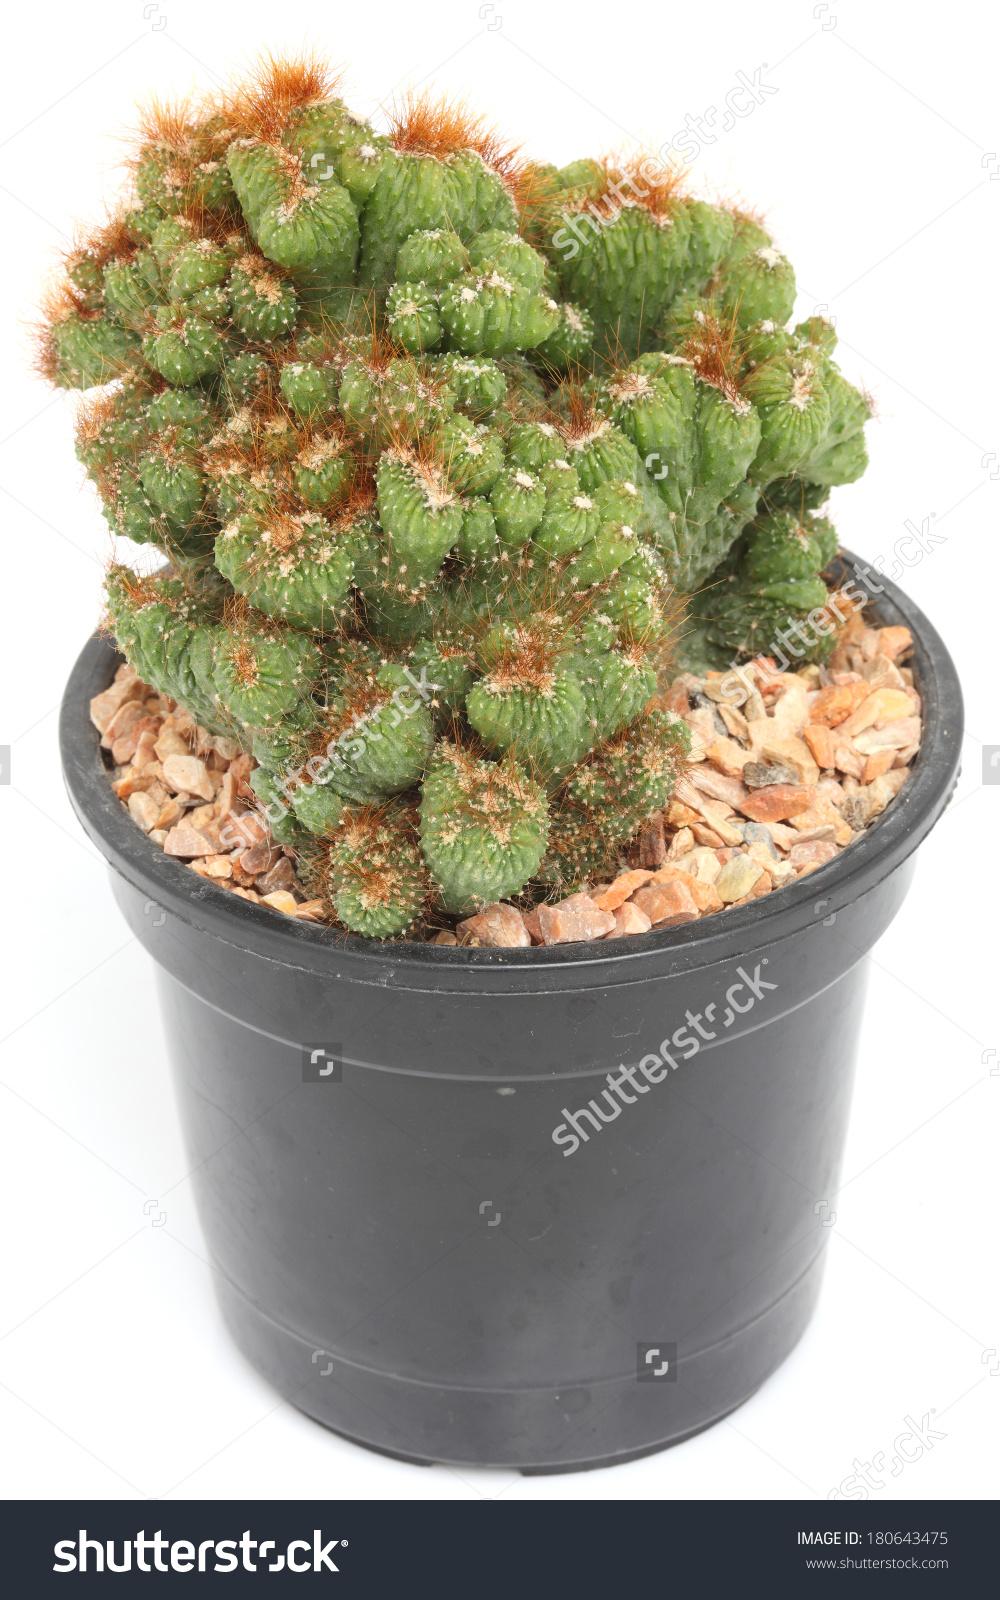 Cereus Peruvianus Monstrosus Cactus Pot Stock Photo 180643475.